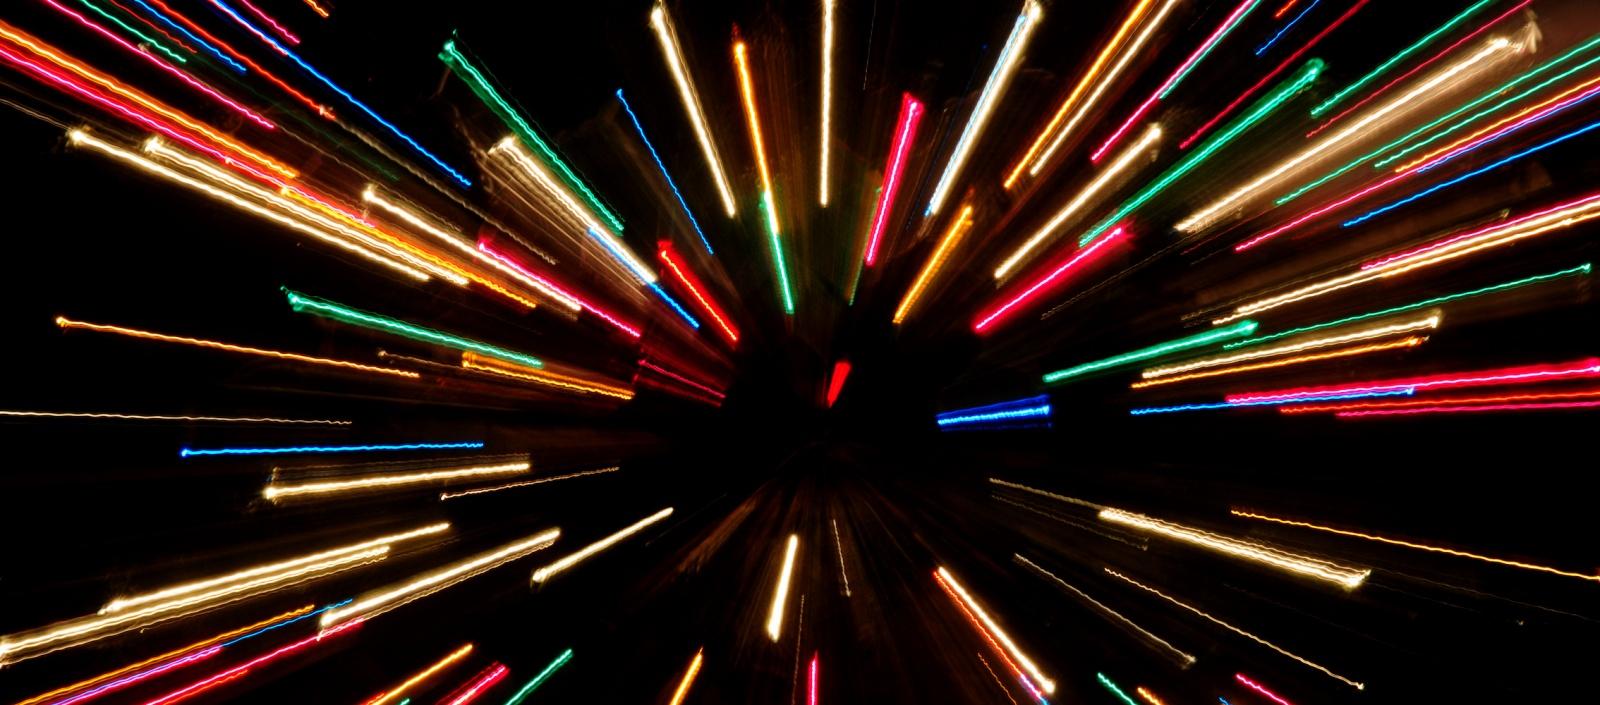 «Фотон в микроволновке»: создание контролируемой фотонной двухуровневой системы - 1